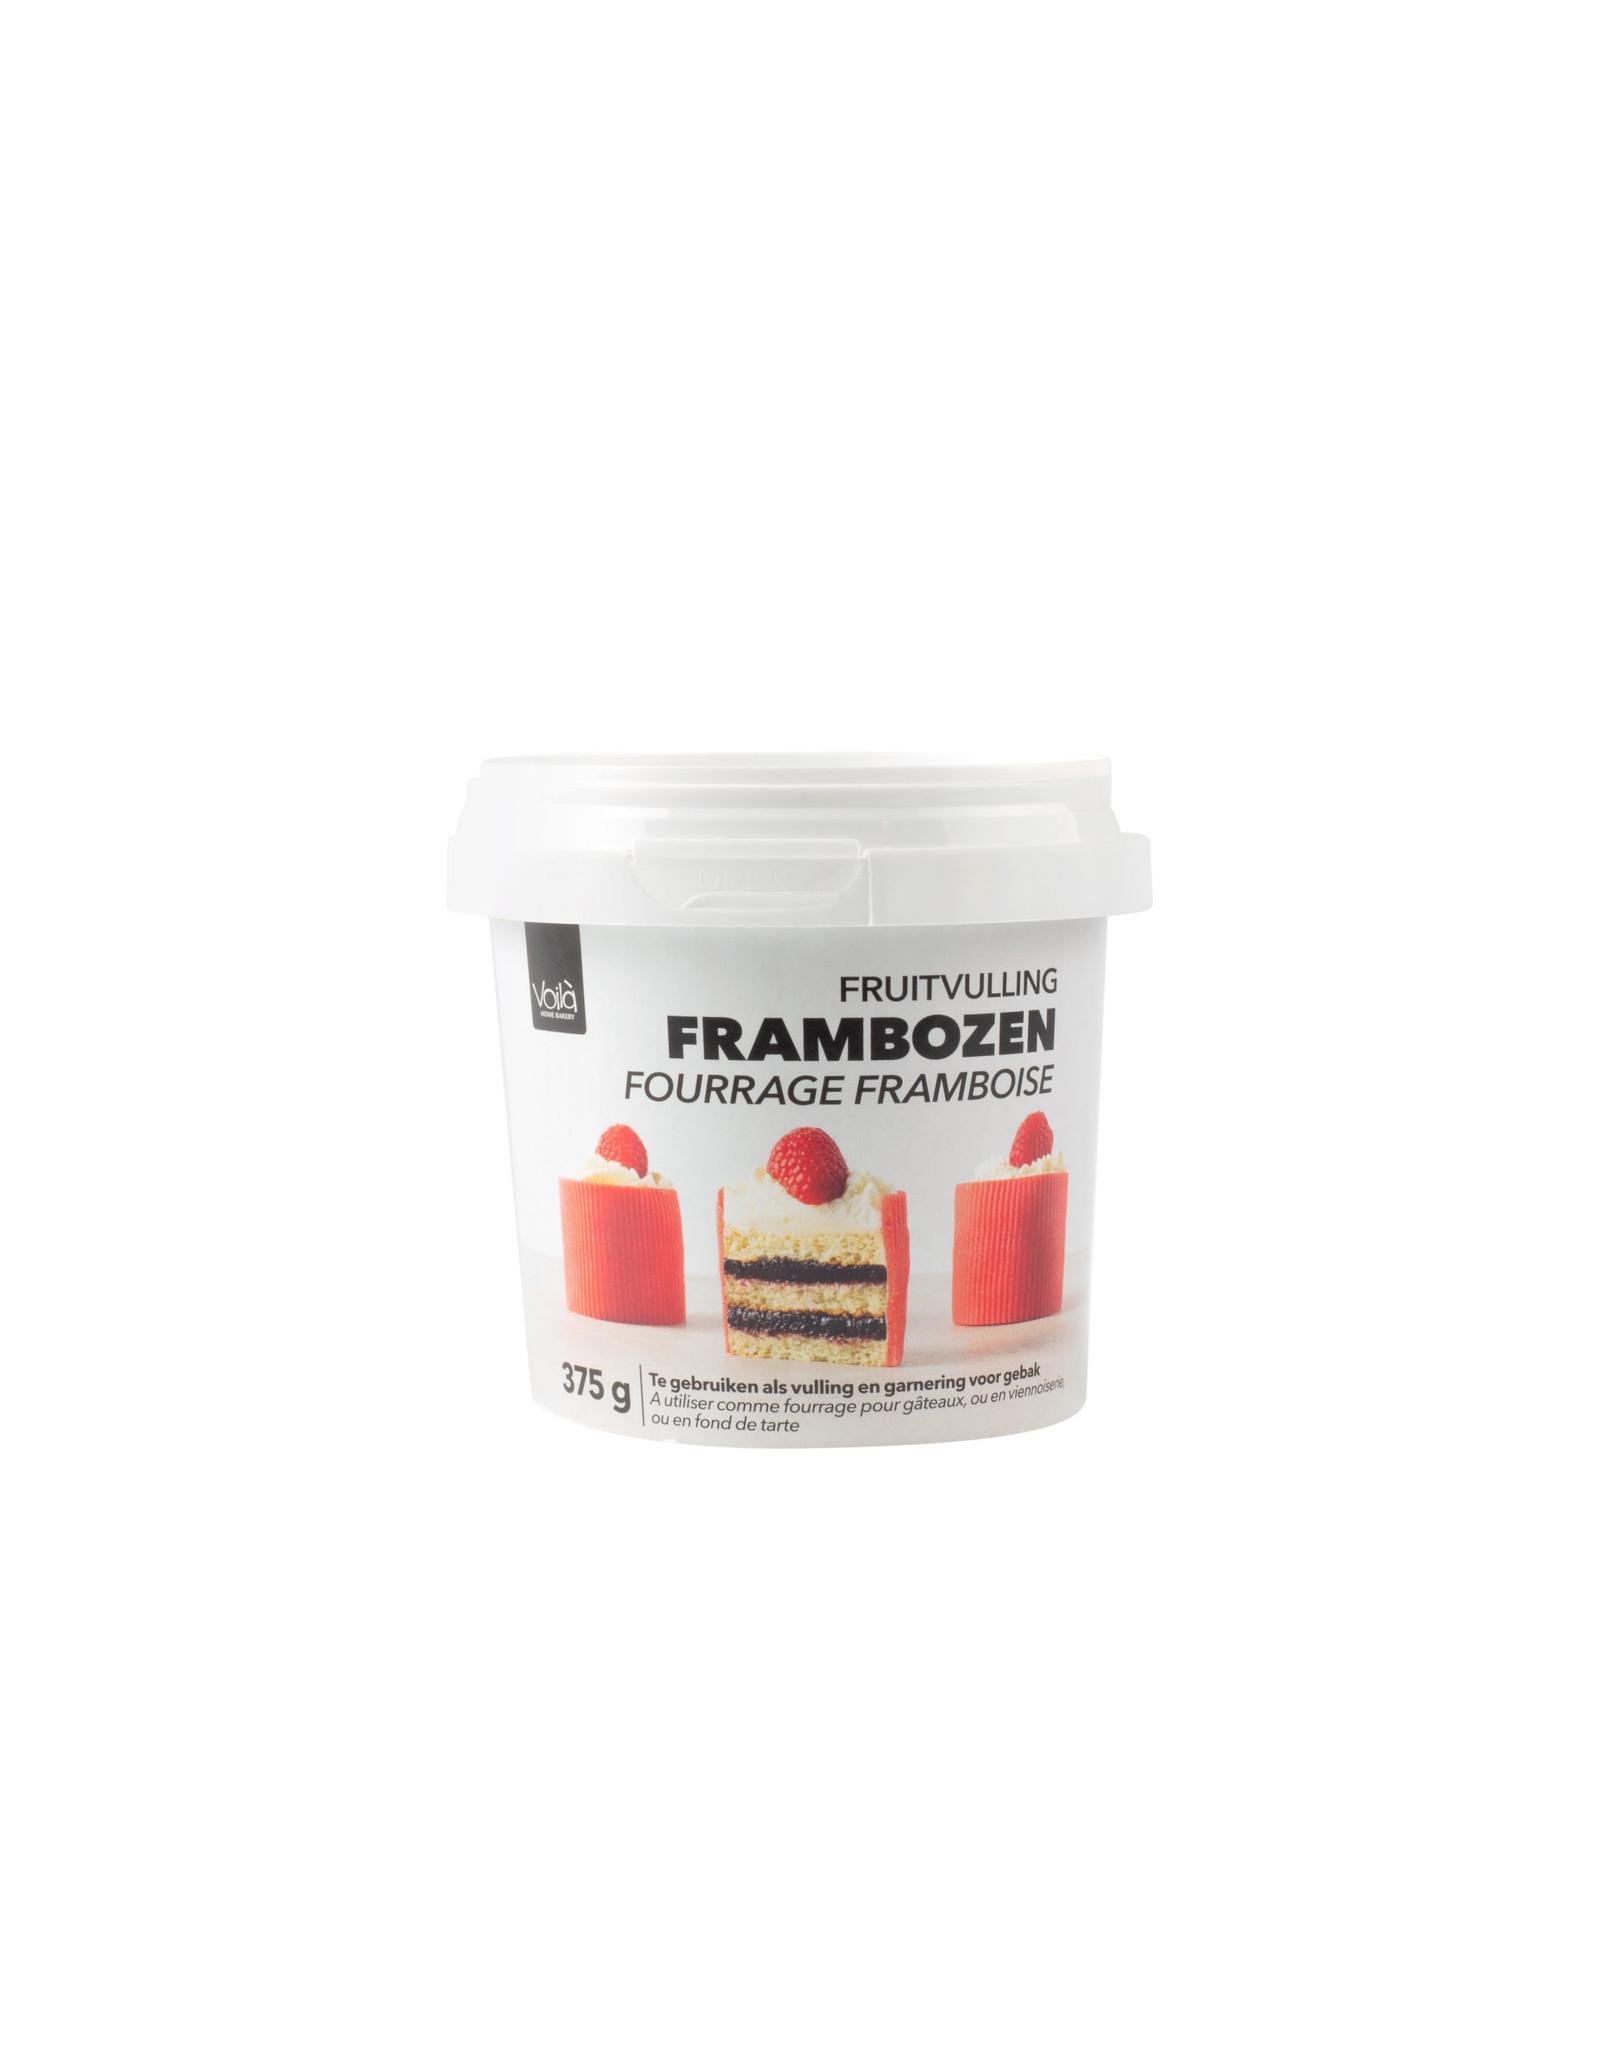 VOILA Home Bakery Voila fruitvulling Frambozen Voordeelverpakking - 6x 375 gram bakje